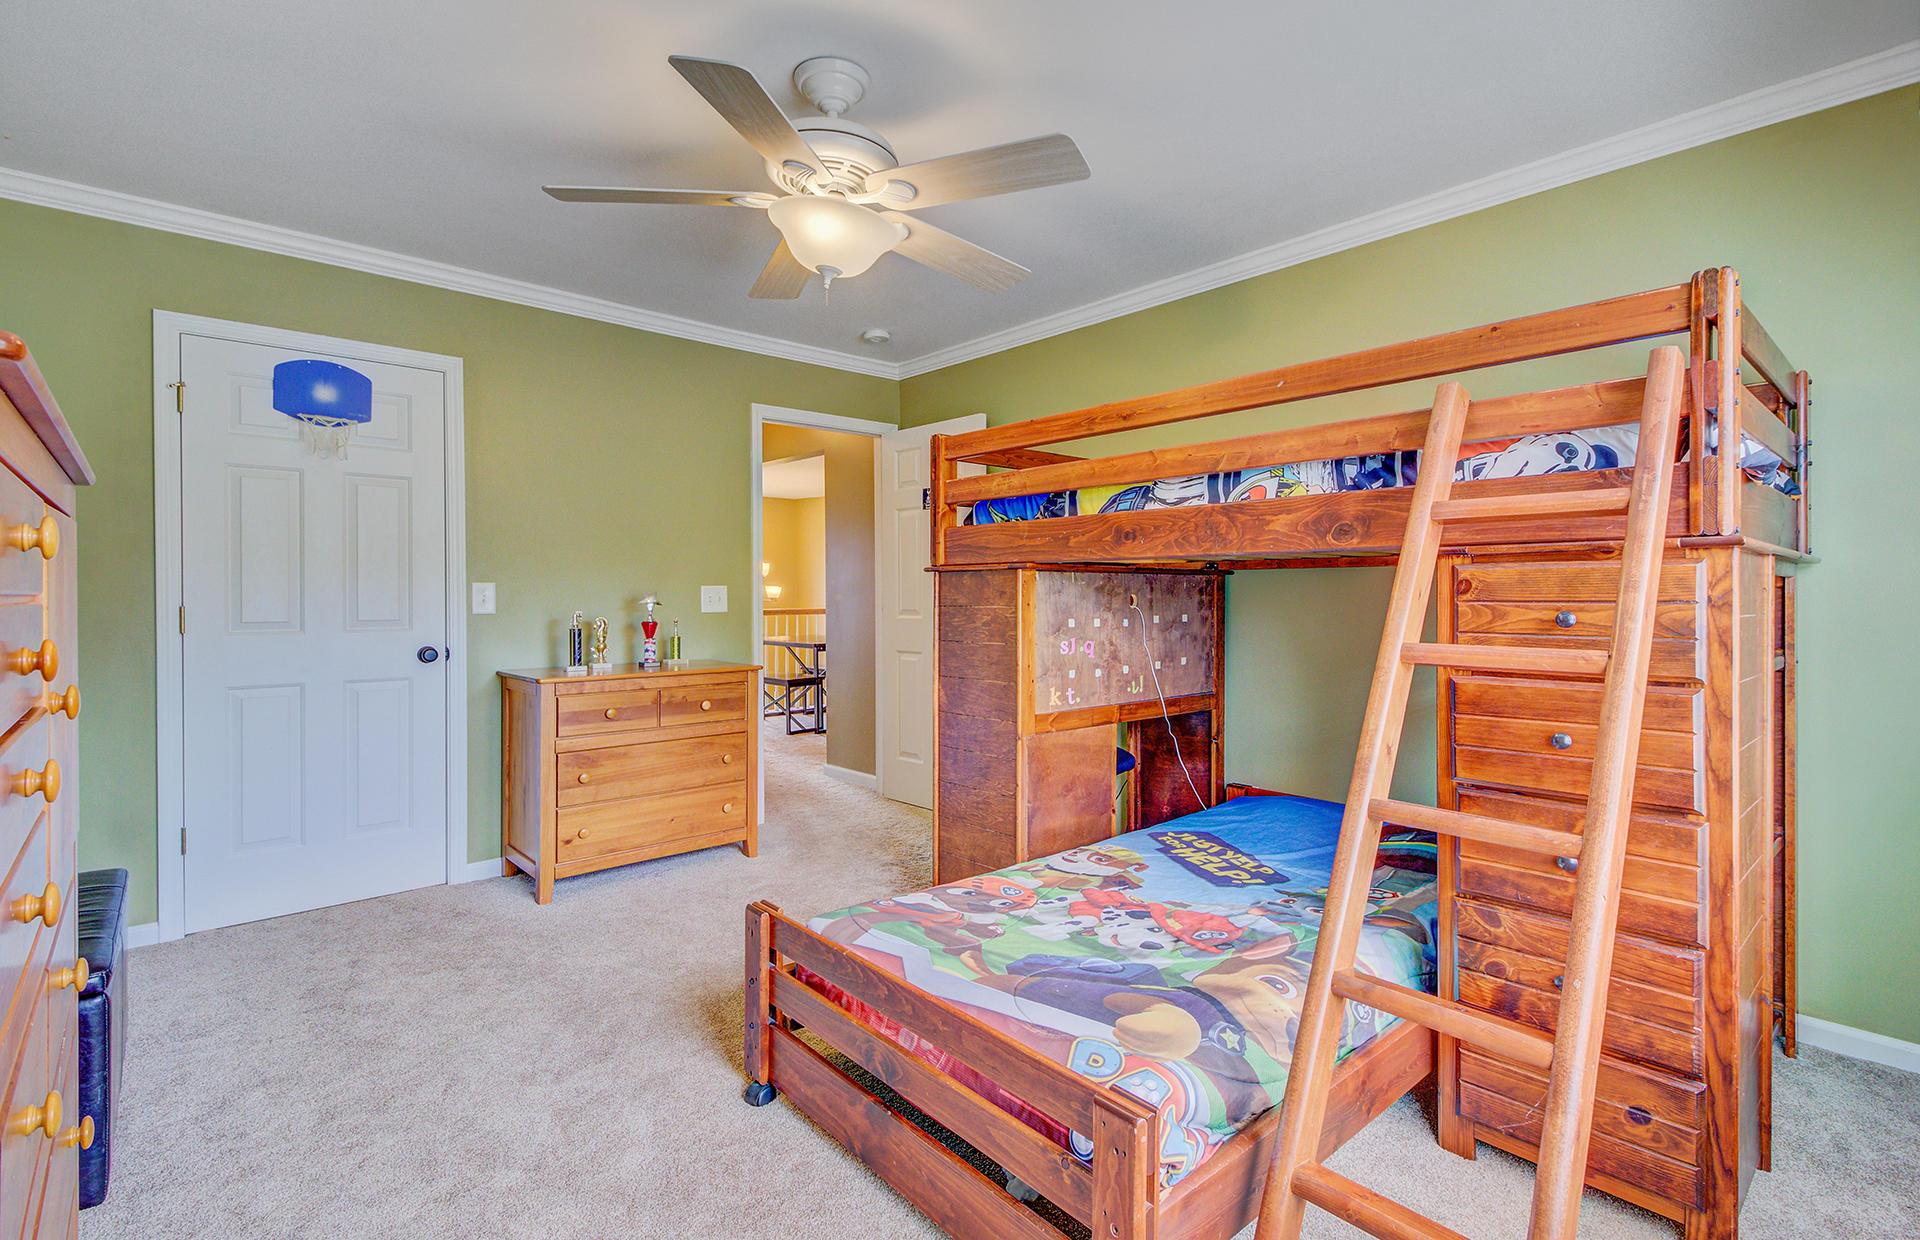 Park West Homes For Sale - 3120 Sonja, Mount Pleasant, SC - 22